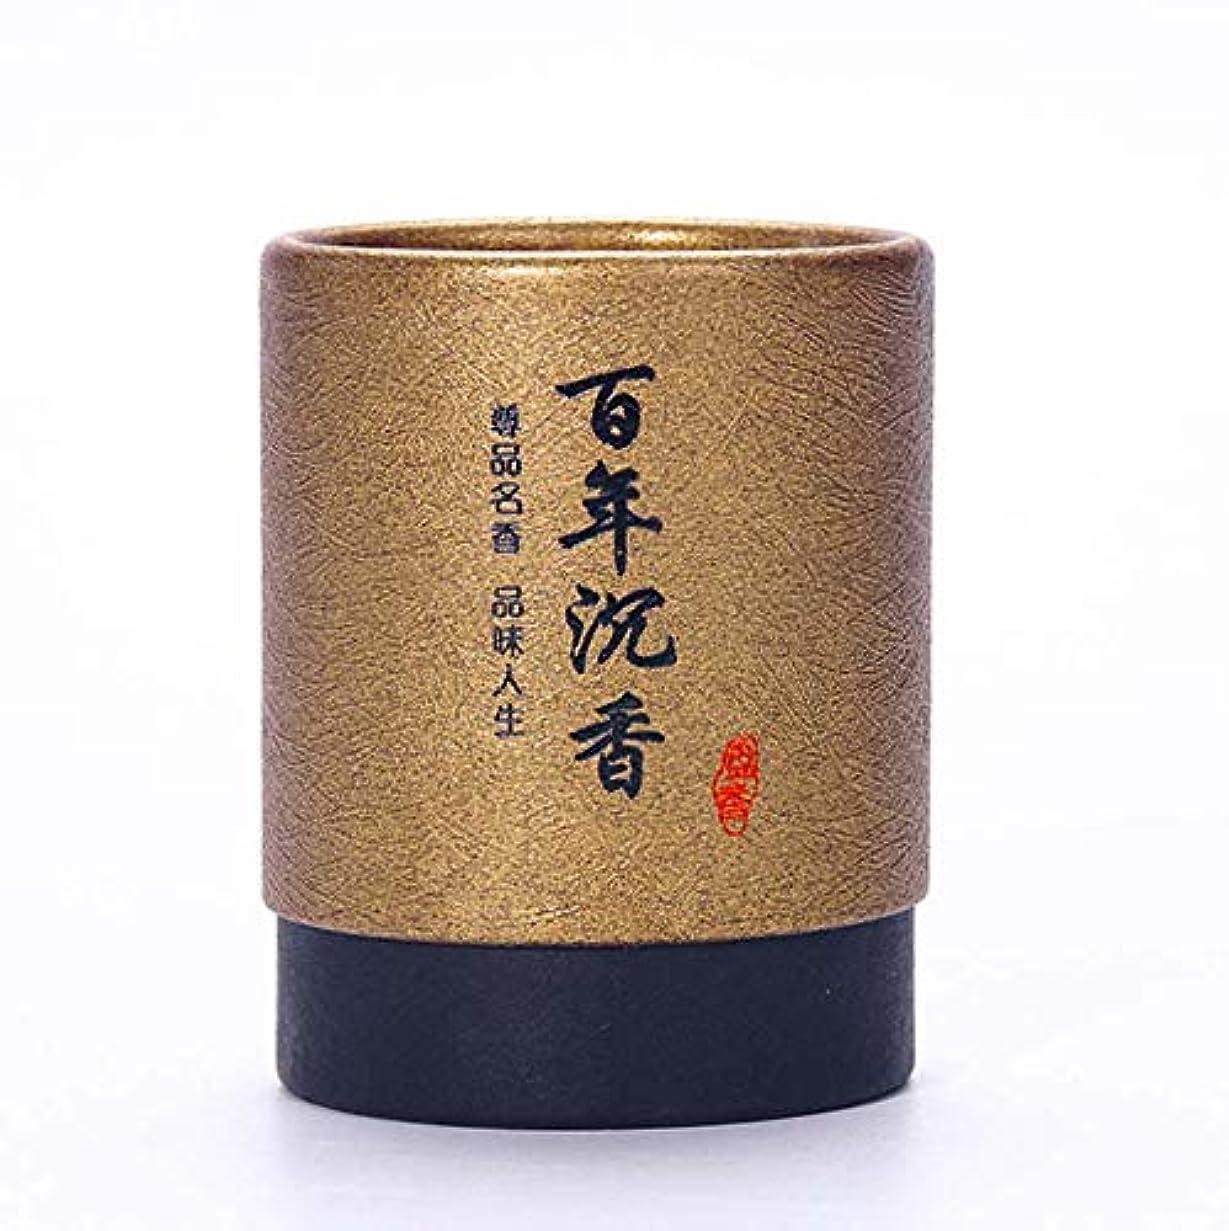 無限輝く裏切り者HwaGui お香 2時間 盤香 渦巻き線香 優しい香り 48巻入 沉香(百年沈香)